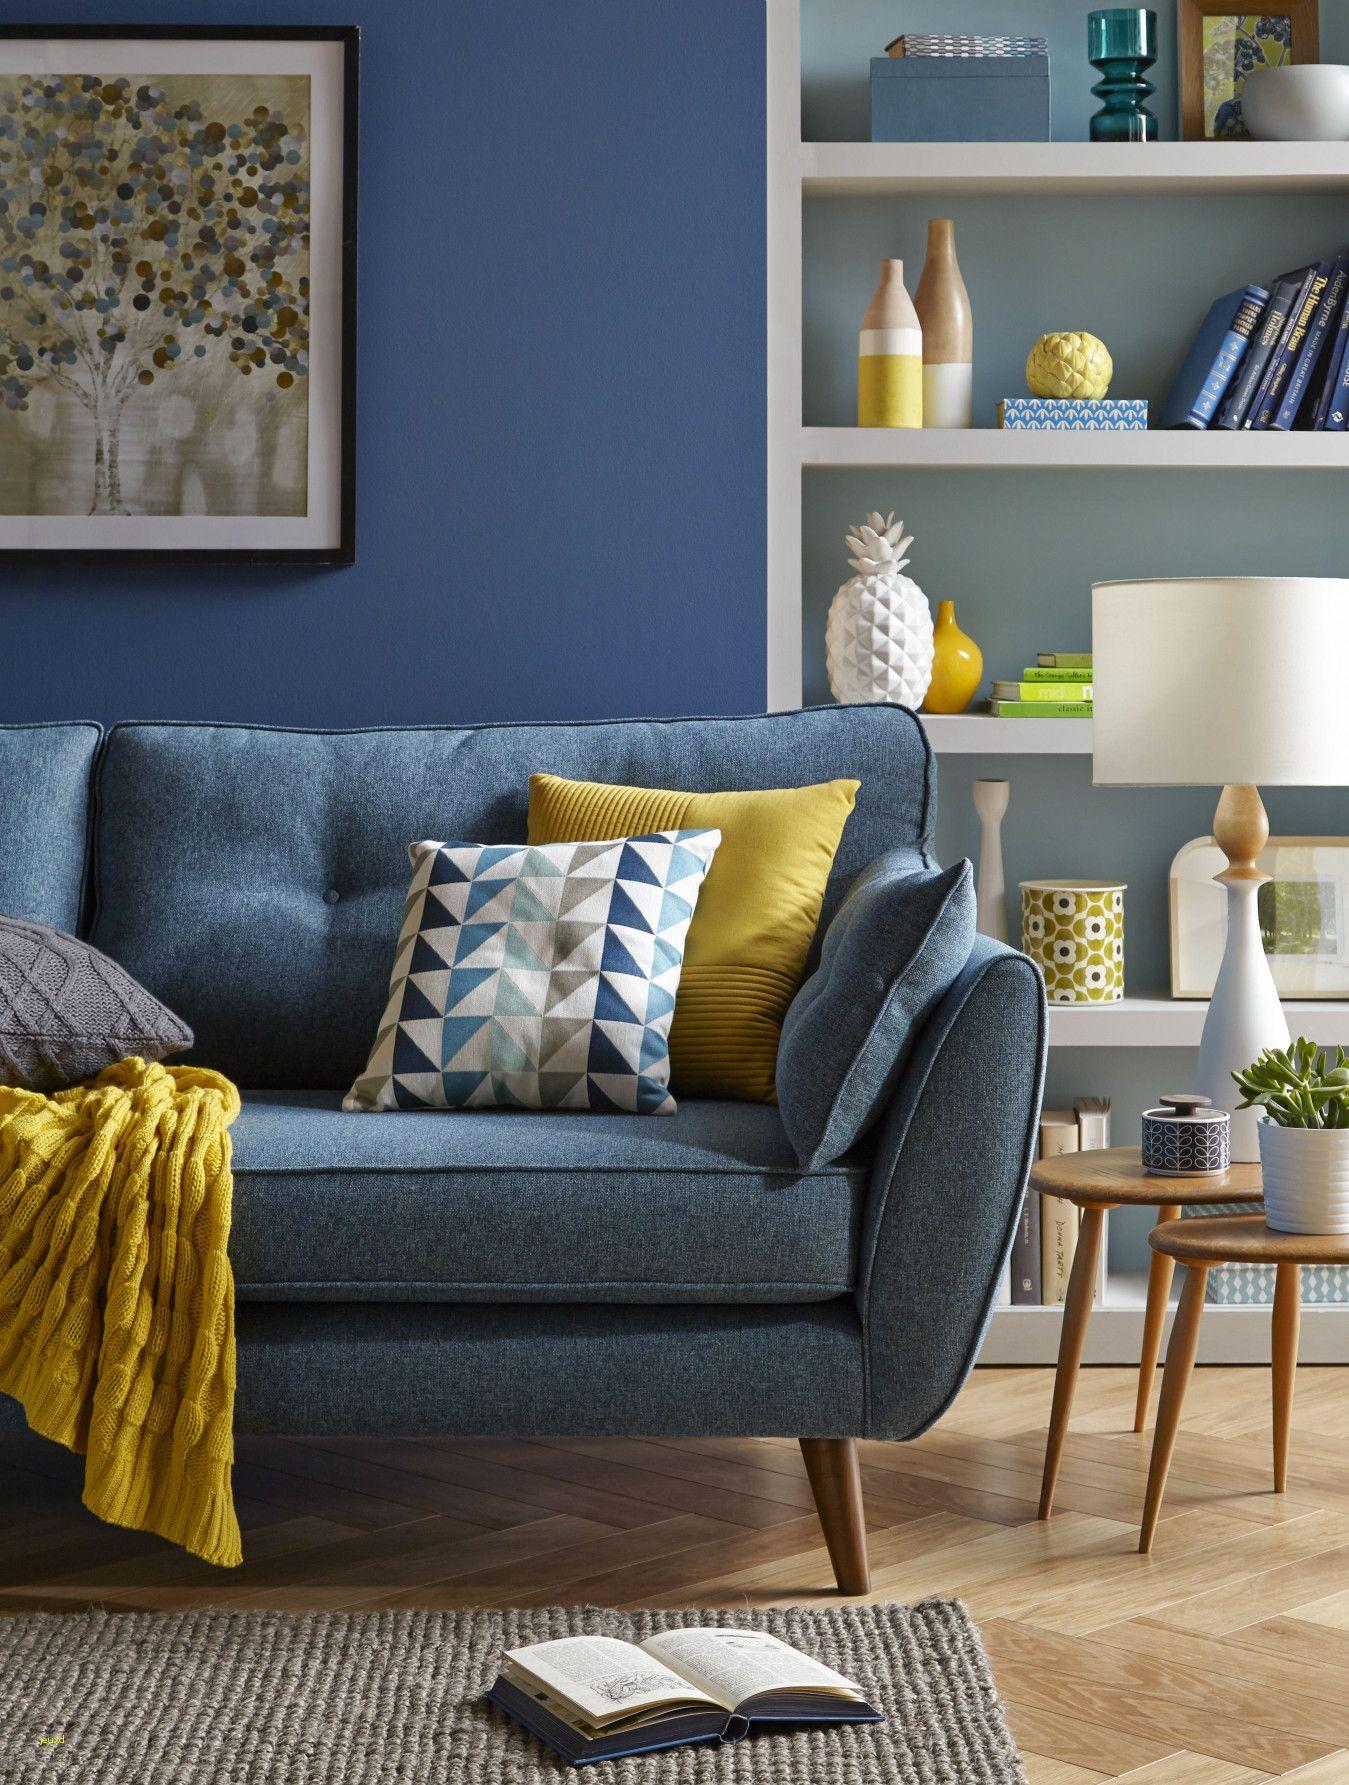 C mo elegir un sof 5 tips para elegir el sof perfecto - Como elegir sofa ...